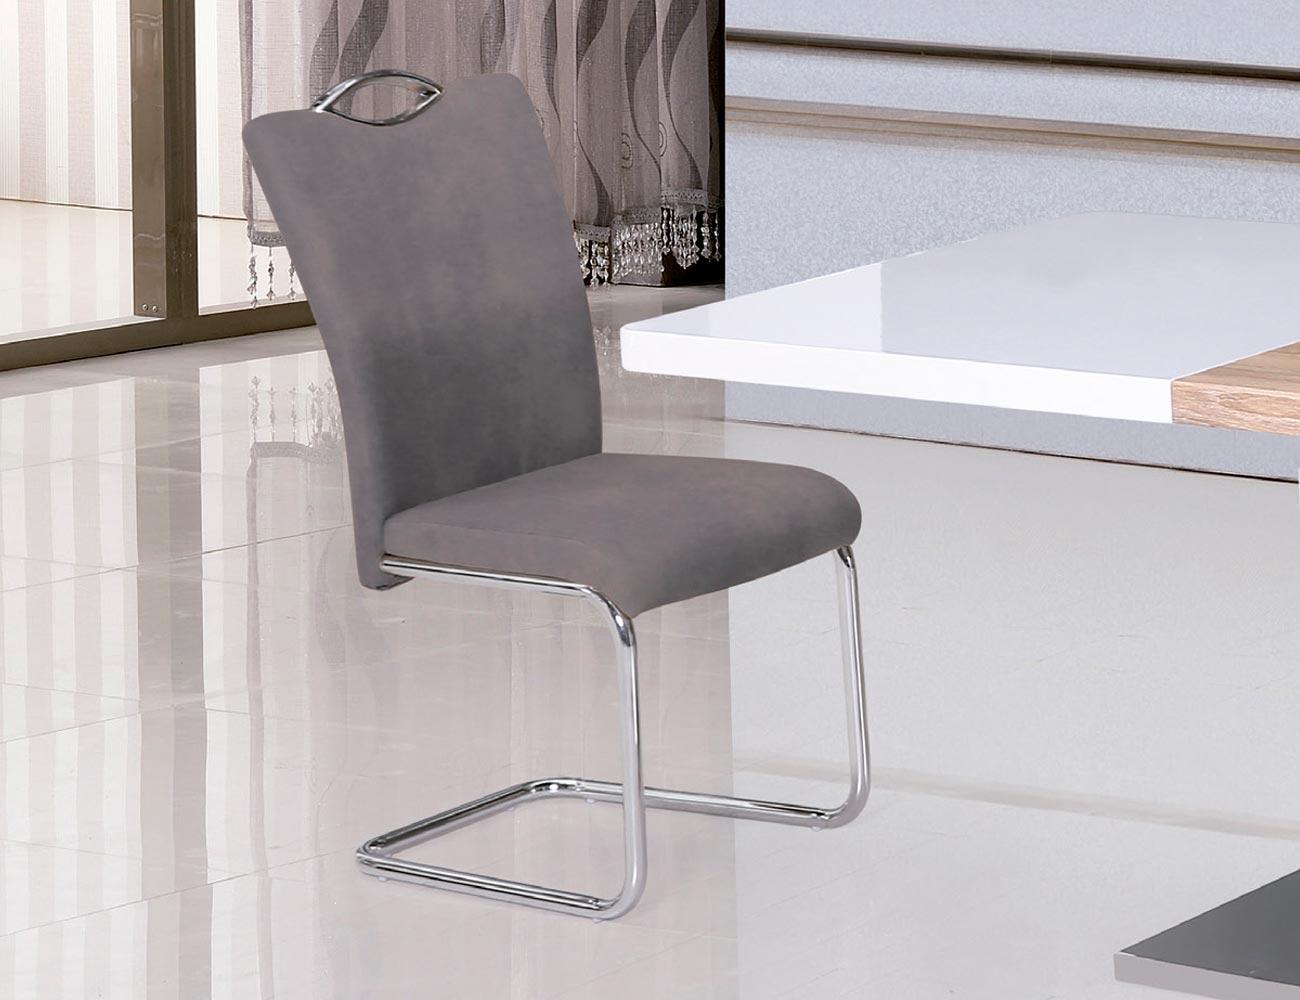 Juego de 4 sillas con respaldo y asiento tapizado en gris for Sillas de comedor clasicas tapizadas